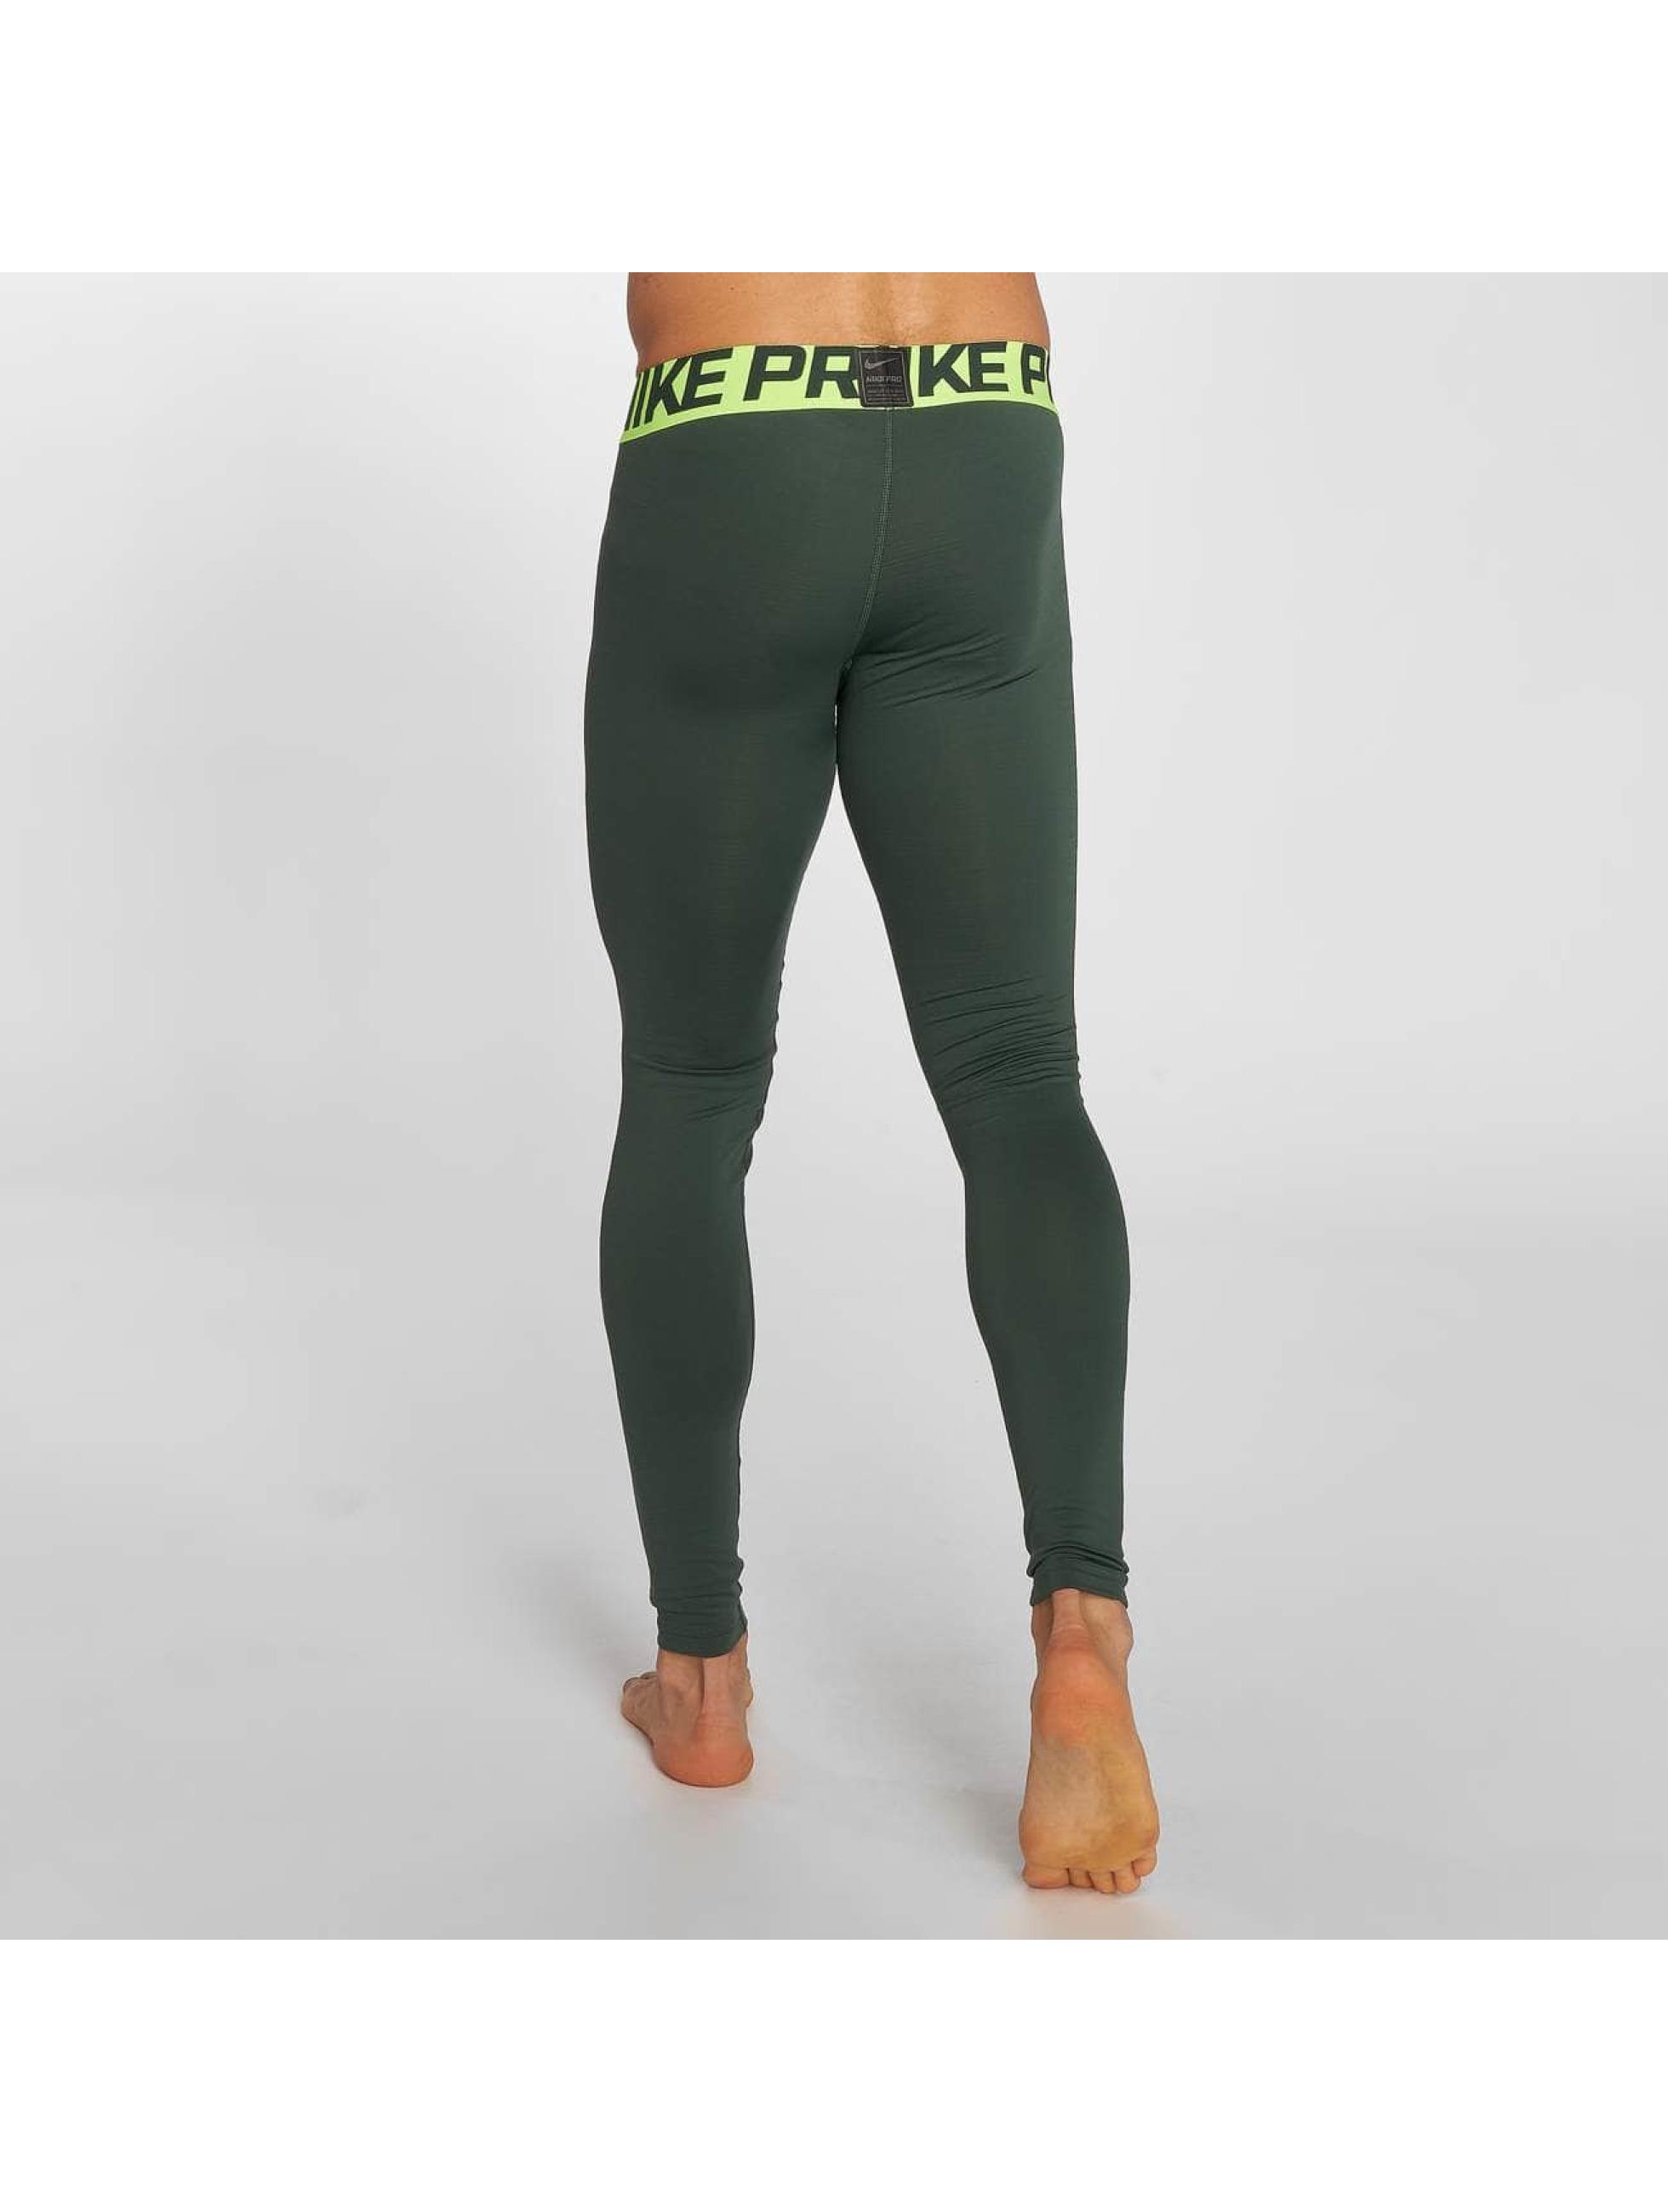 Nike Performance Legging/Tregging Pro Warm olive